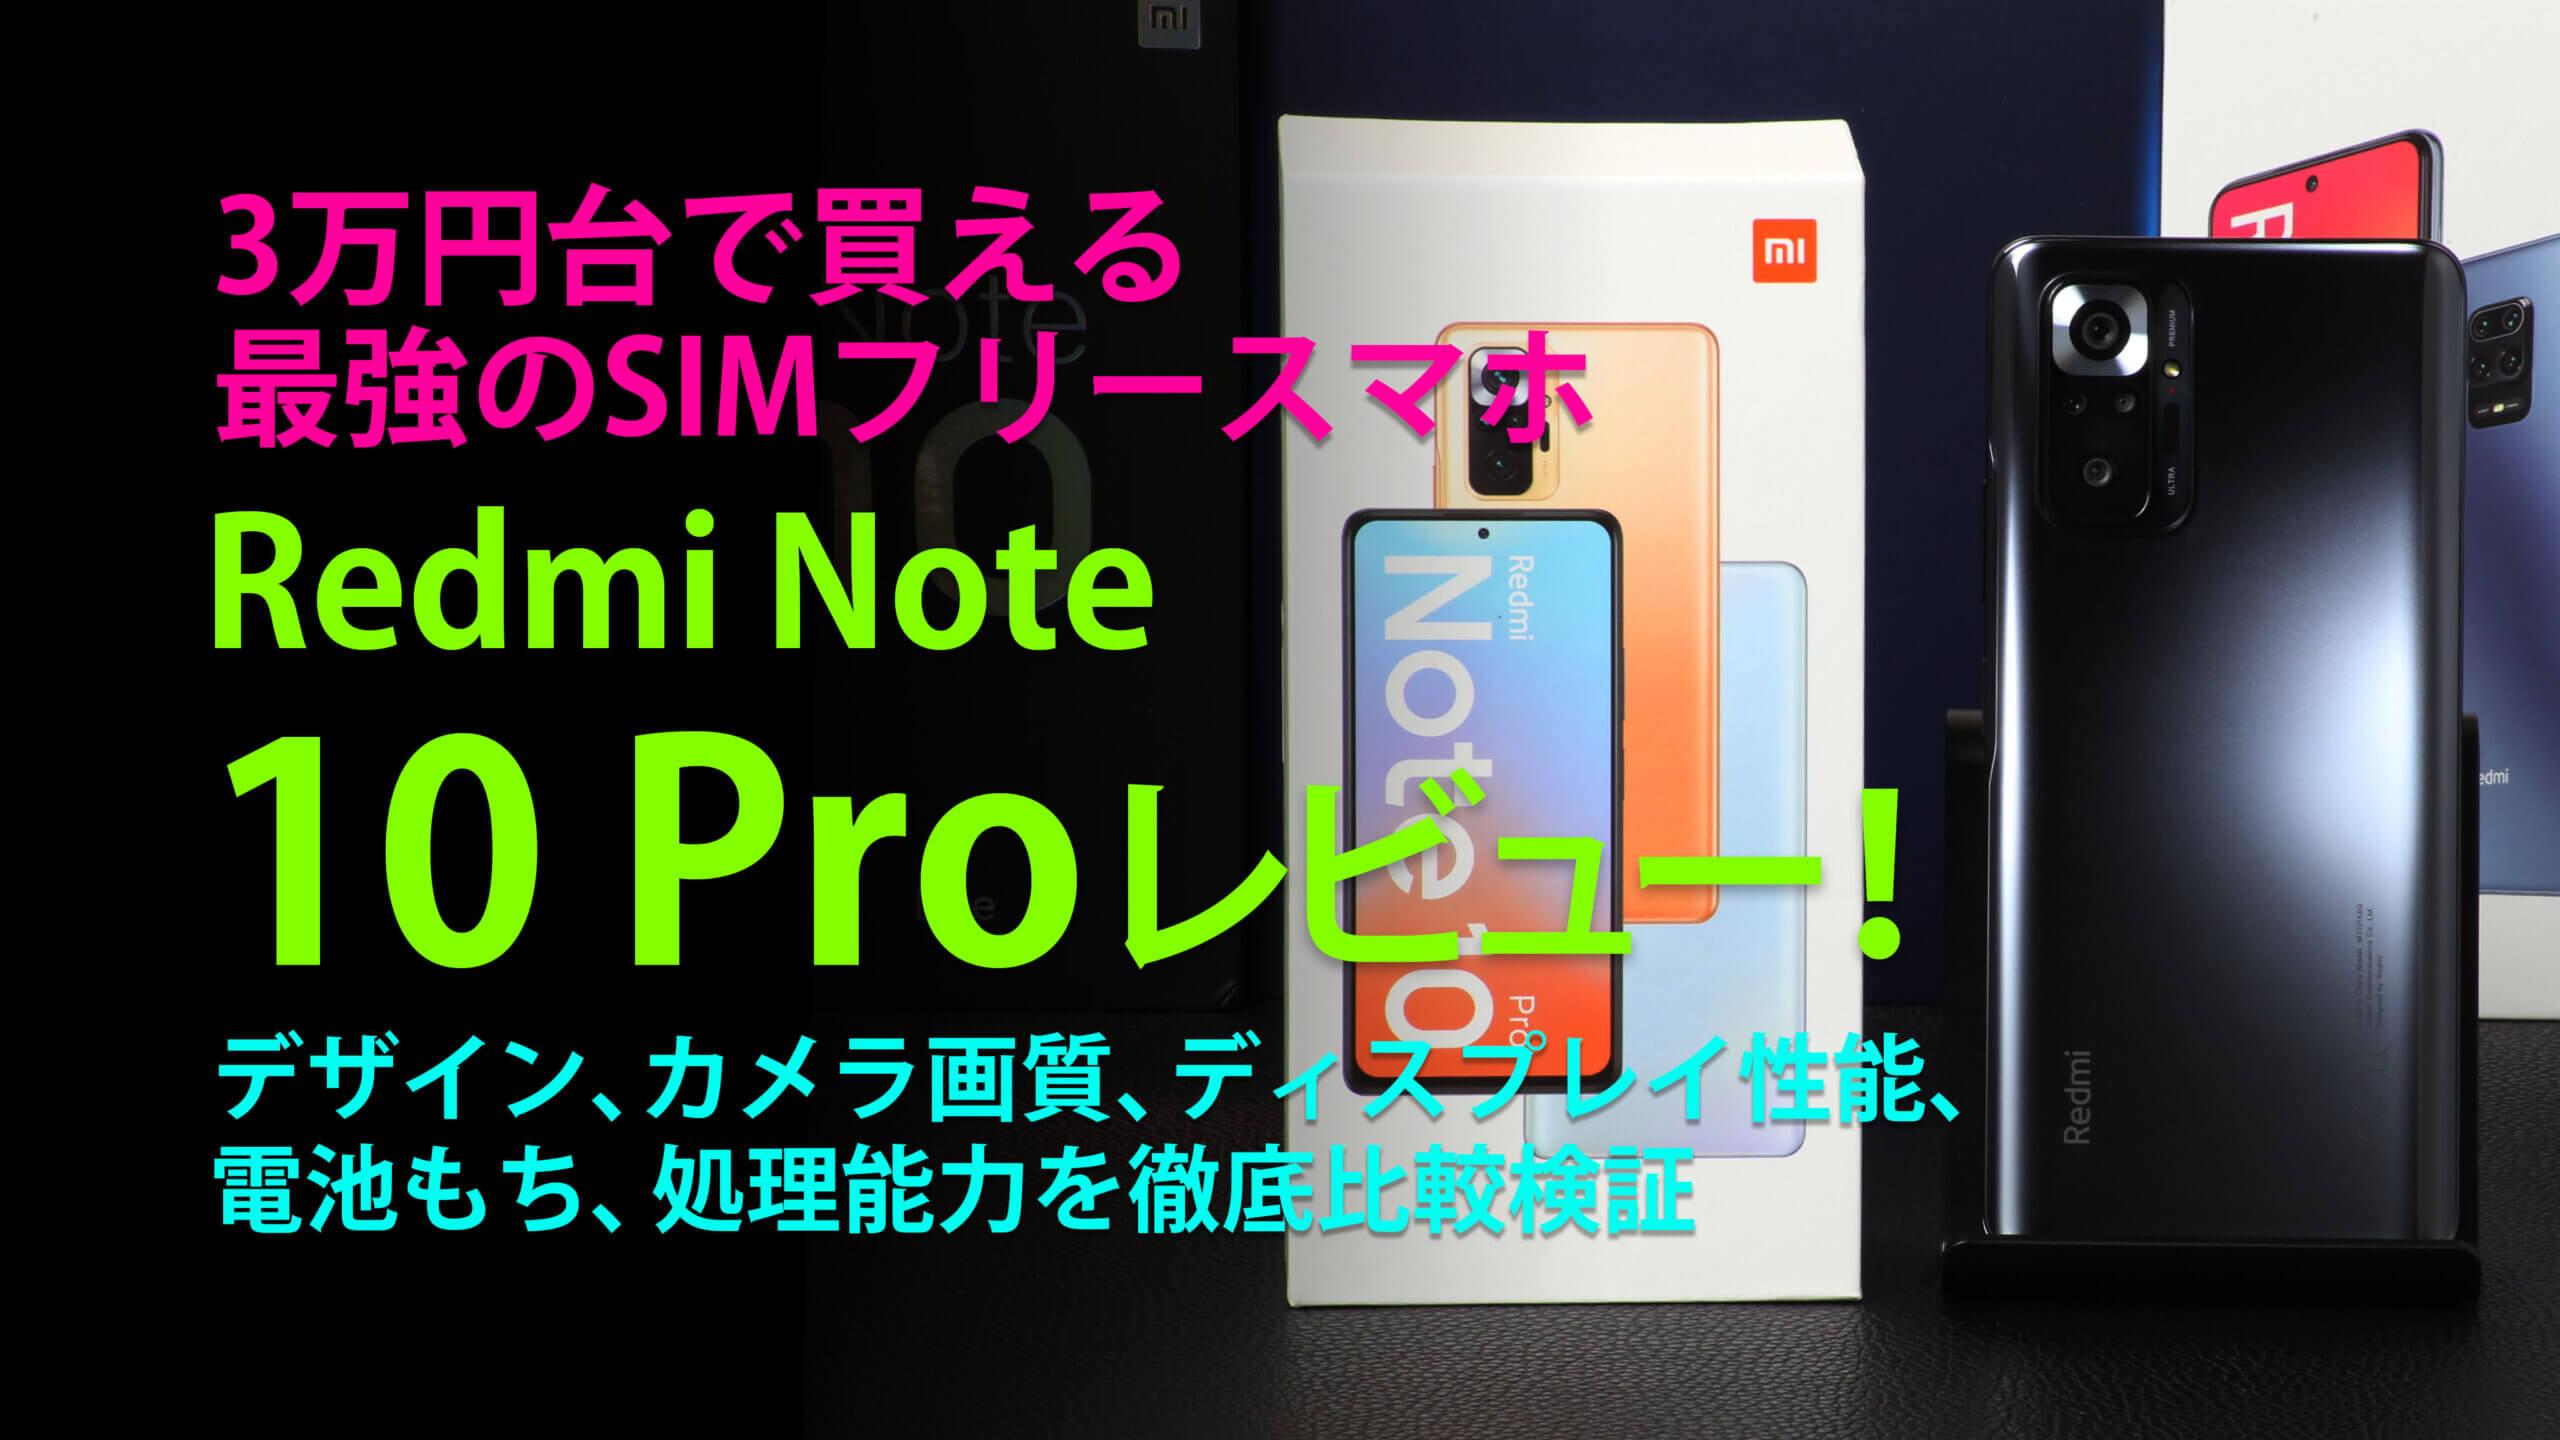 3万円台で購入出来る奇跡のミッドレンジRedmi Note 10 Proの